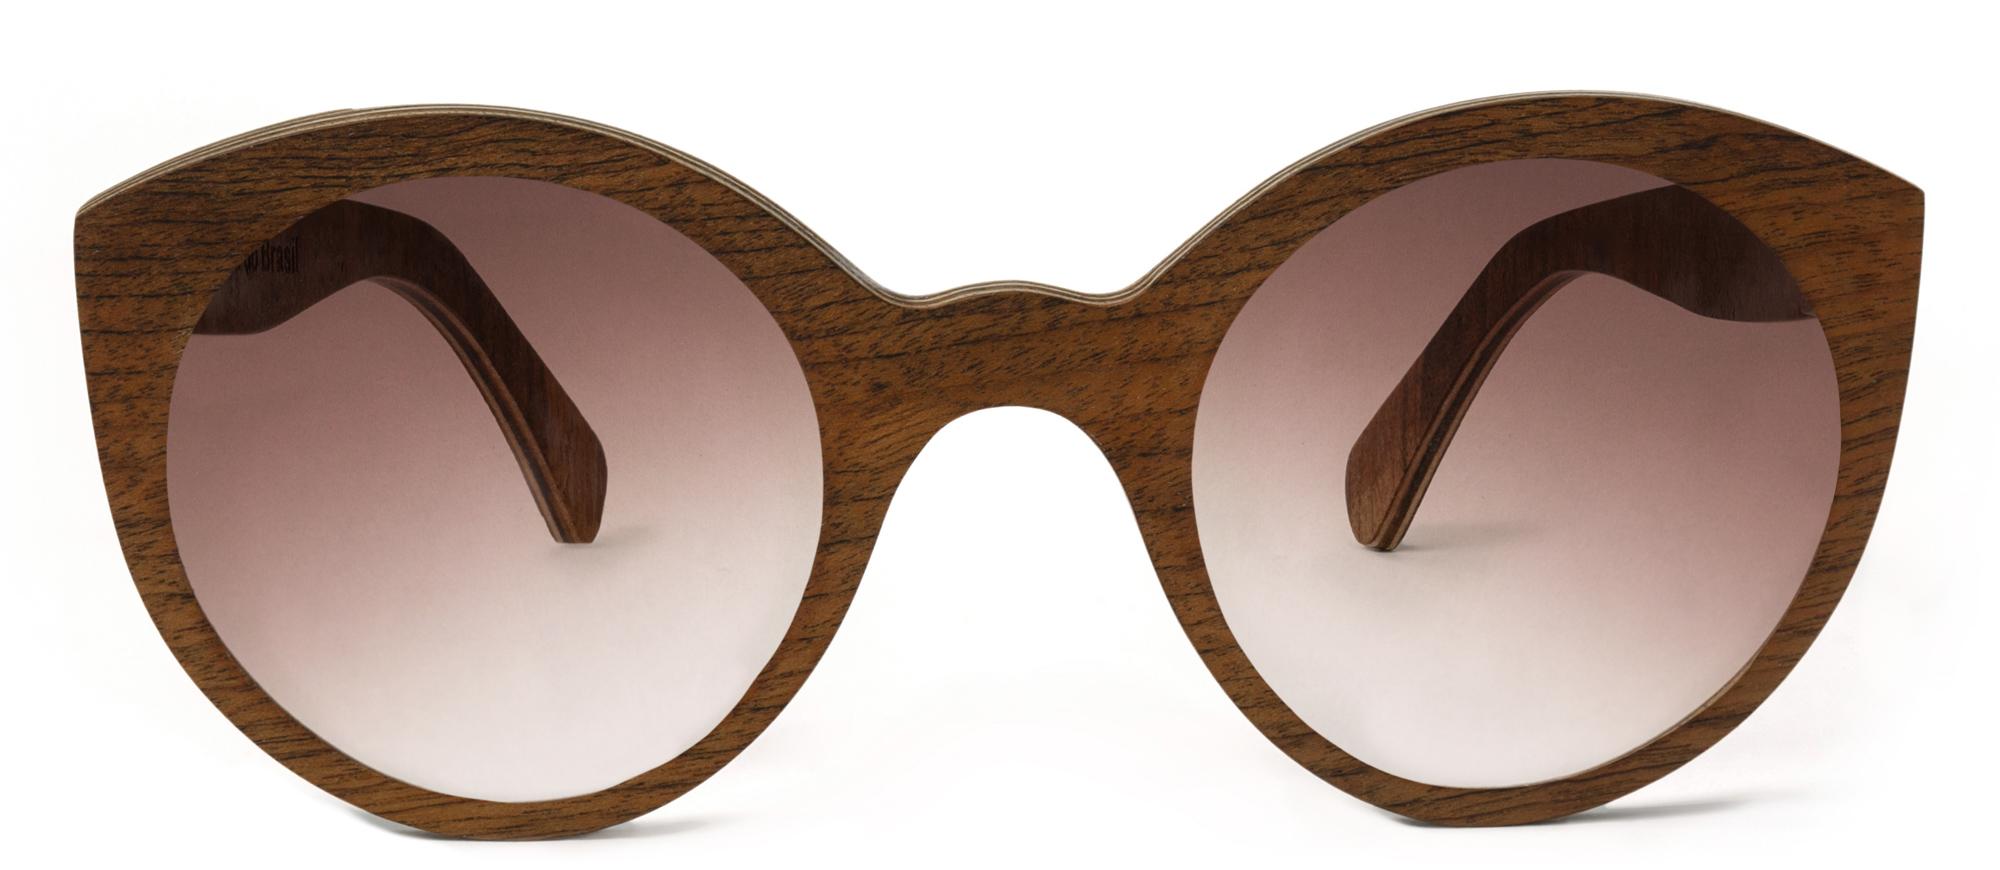 Foto de Produto - Óculos